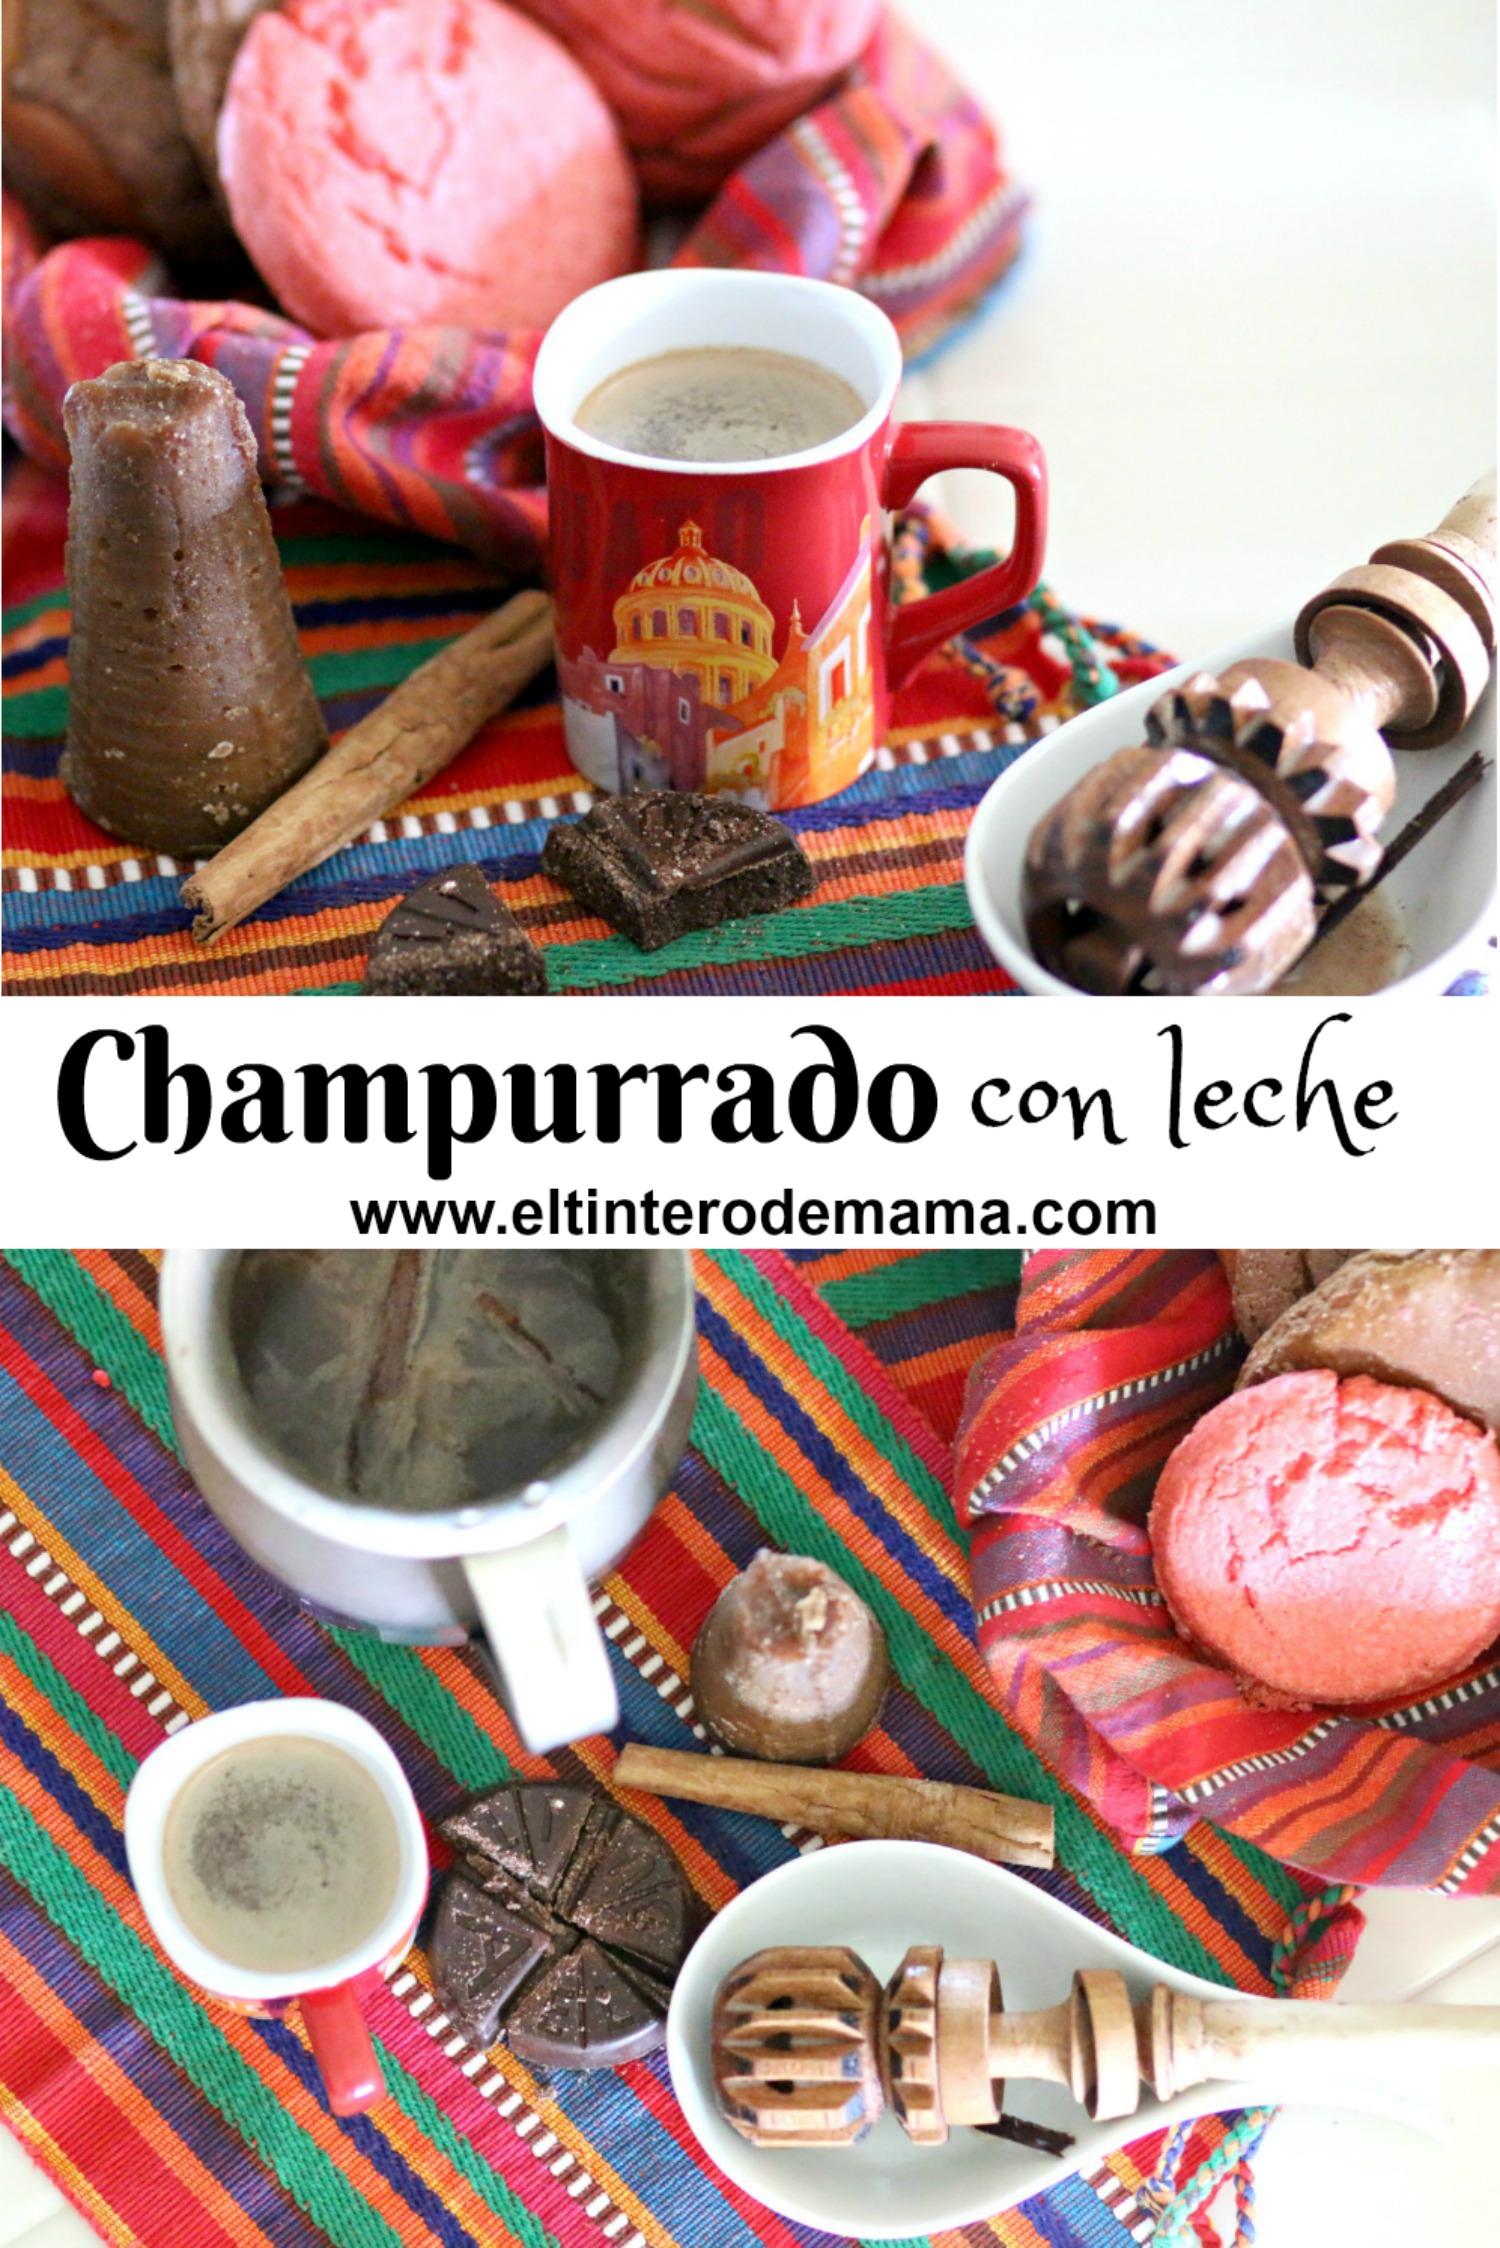 Siempre-Leche_Fuertes-Con-Leche-Milk-Life-champurrado-recipe